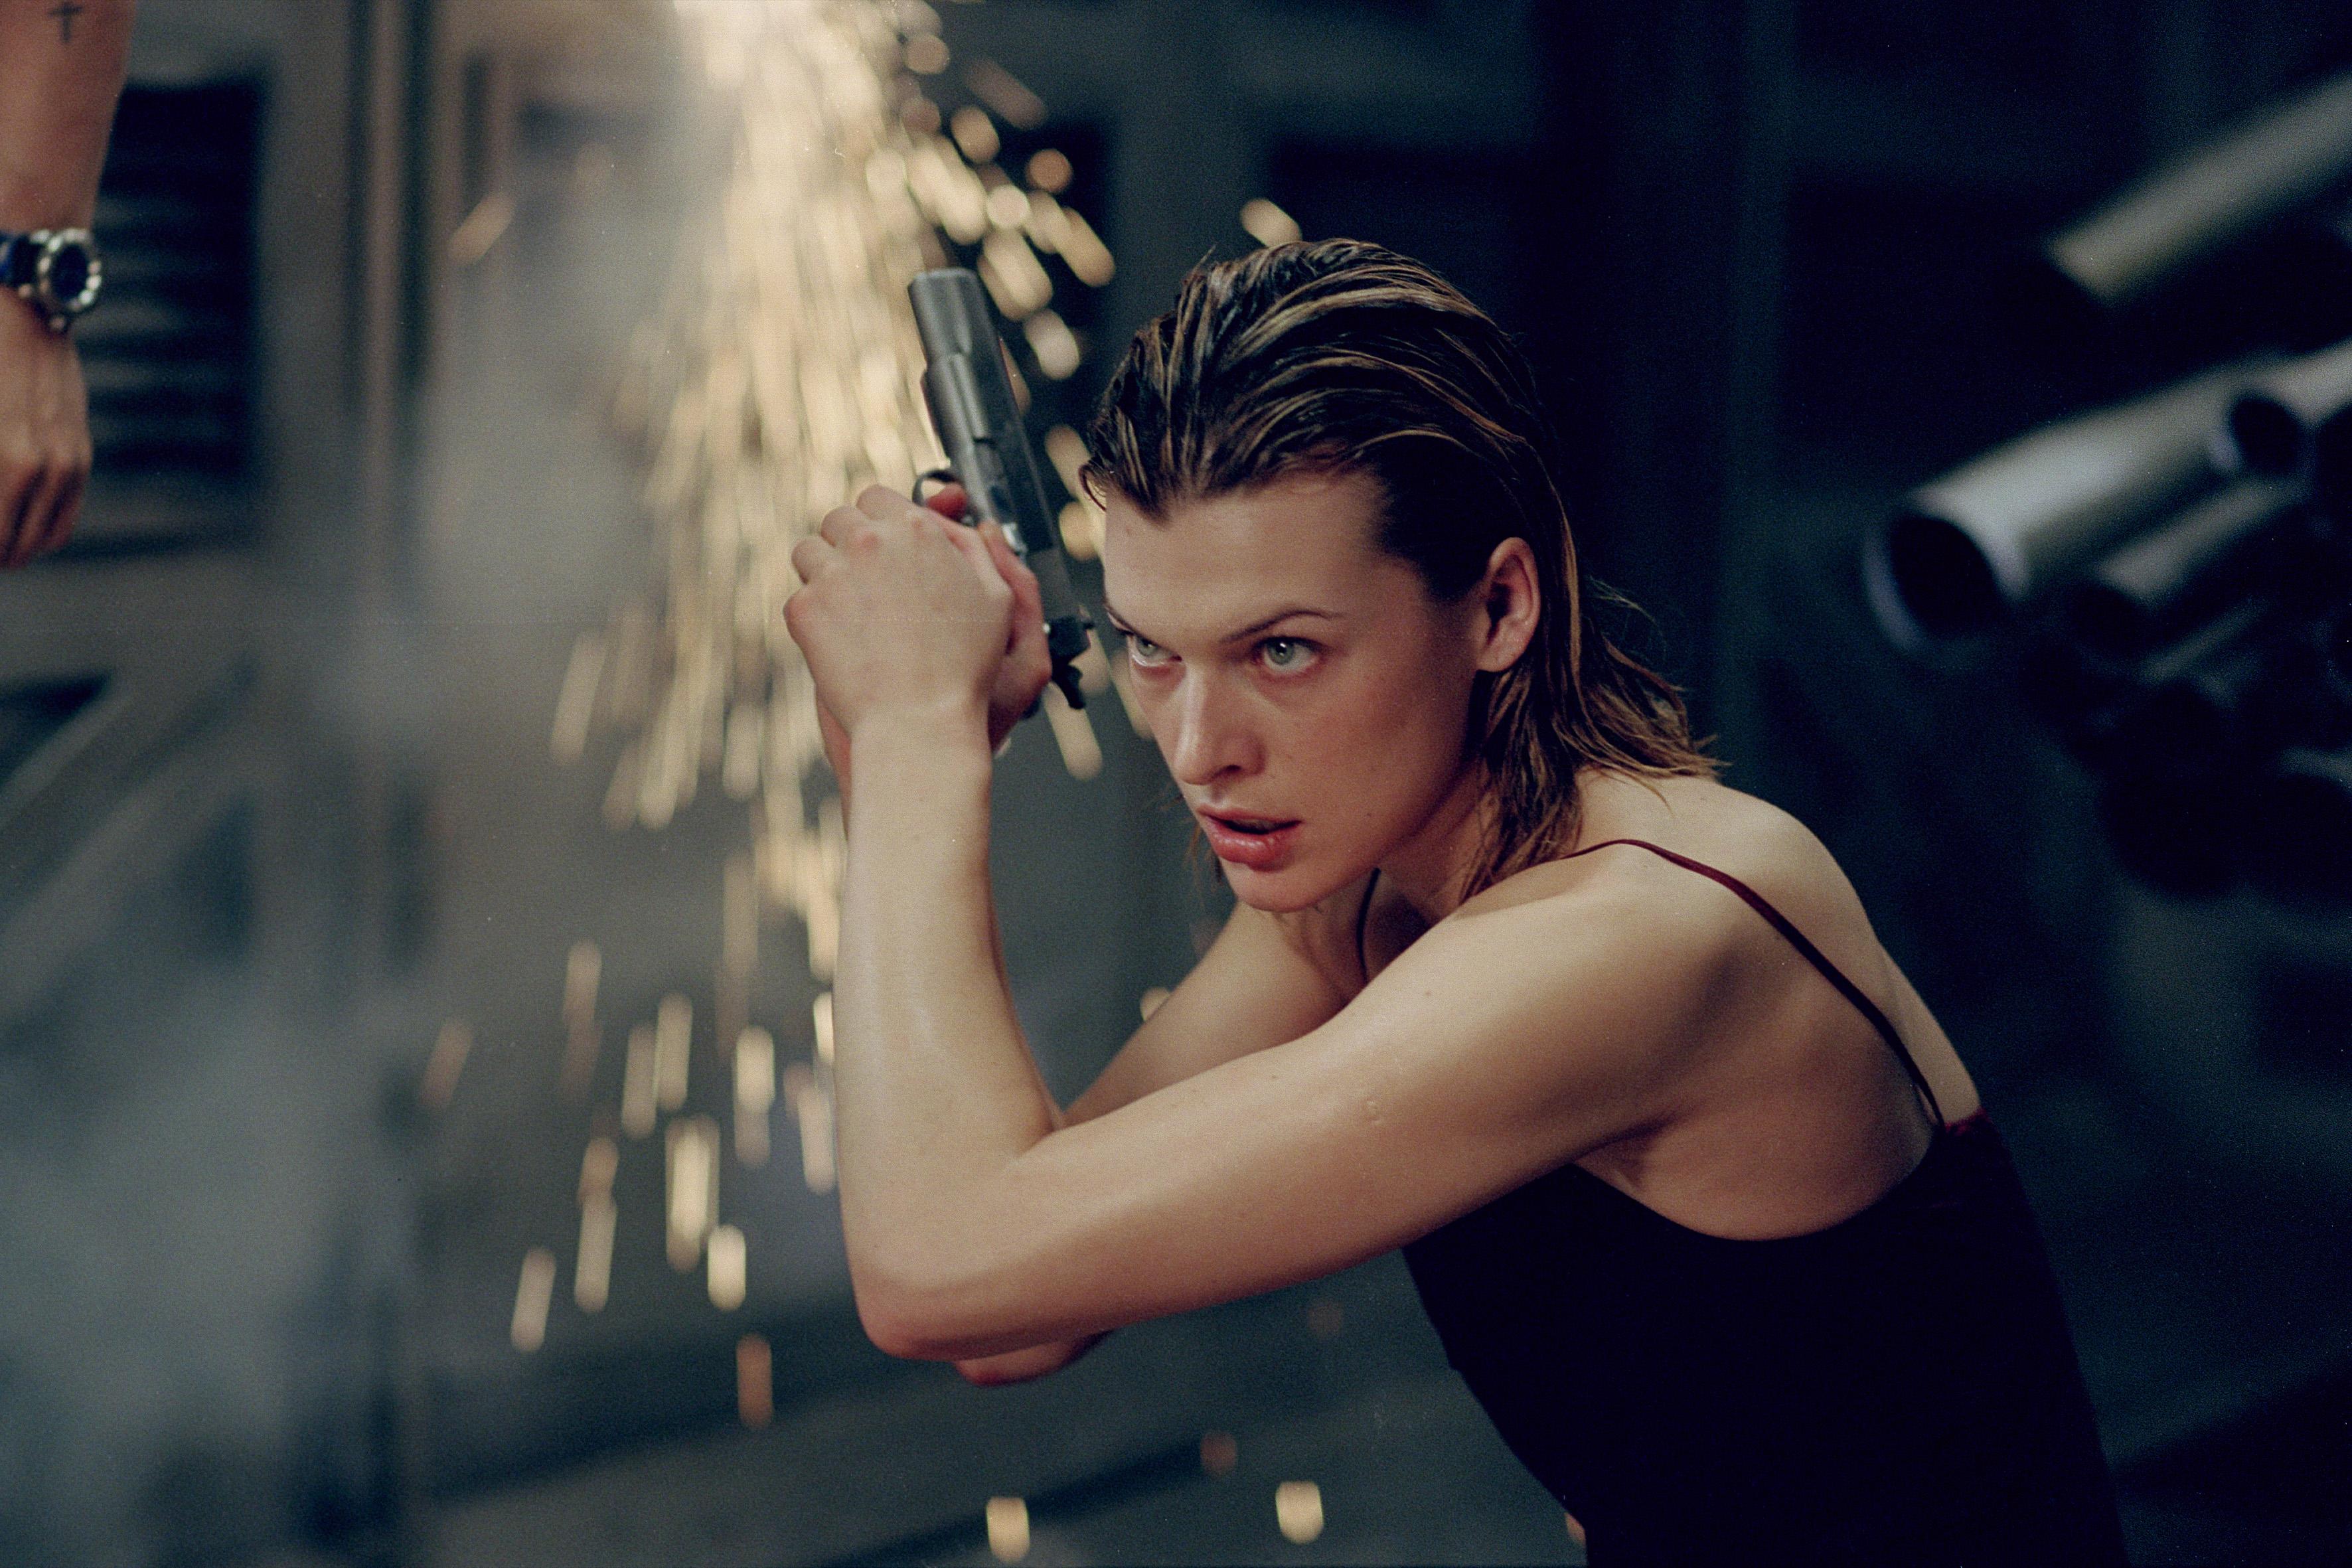 Think, Resident evil movie girl